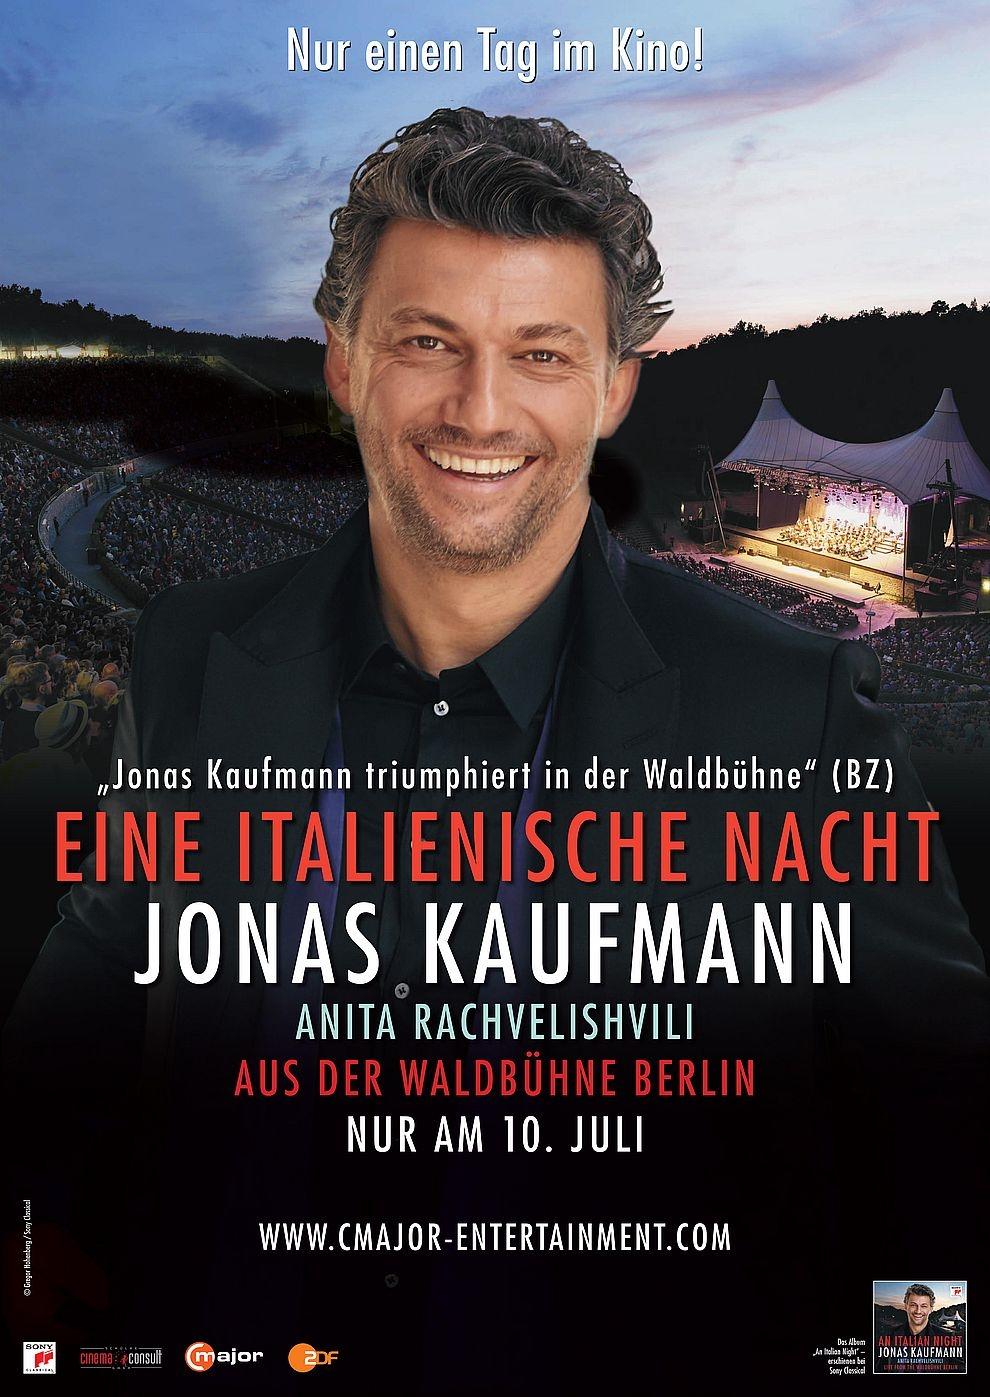 Eine italienische Nacht: Jonas Kaufmann aus der Waldbühne Berlin 2018 (Poster)